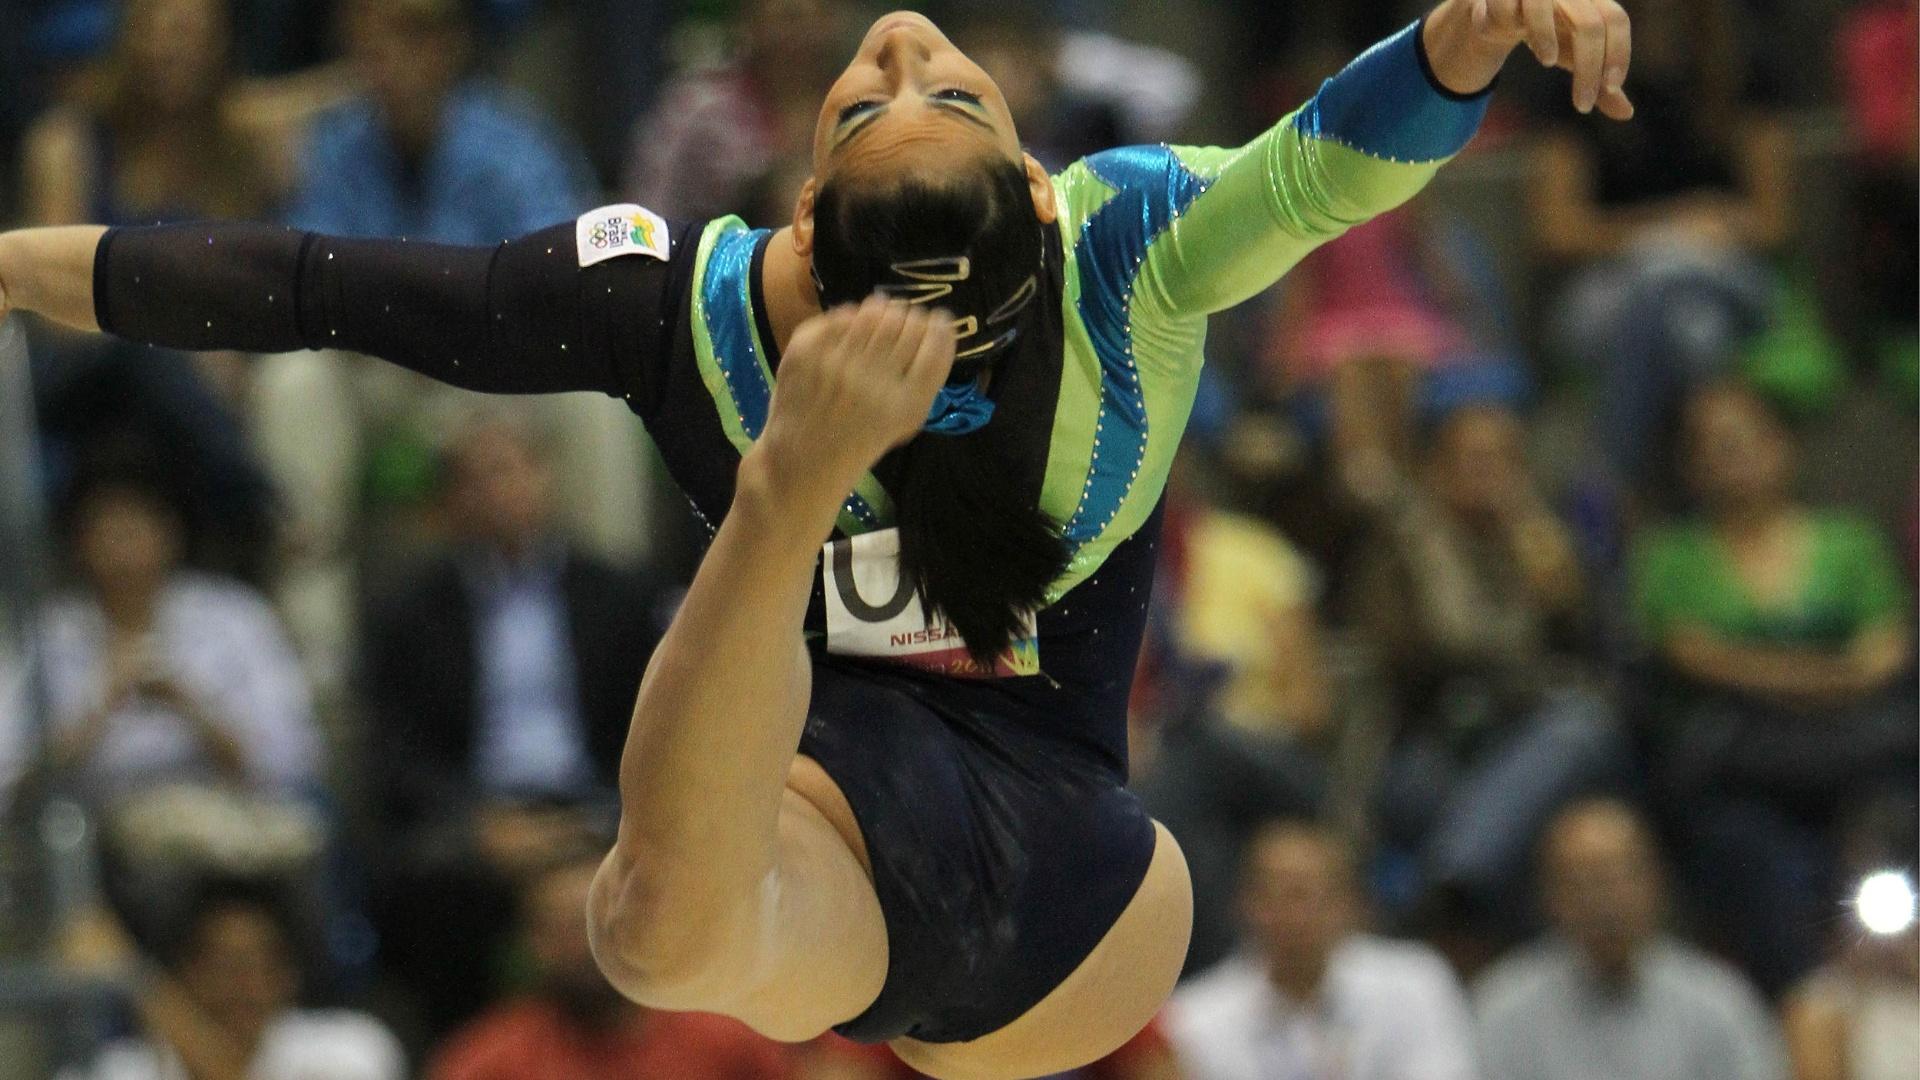 Daniele Hypolito conquista medalha de bronze na trave nas finais por aparelhos no Pan-2011